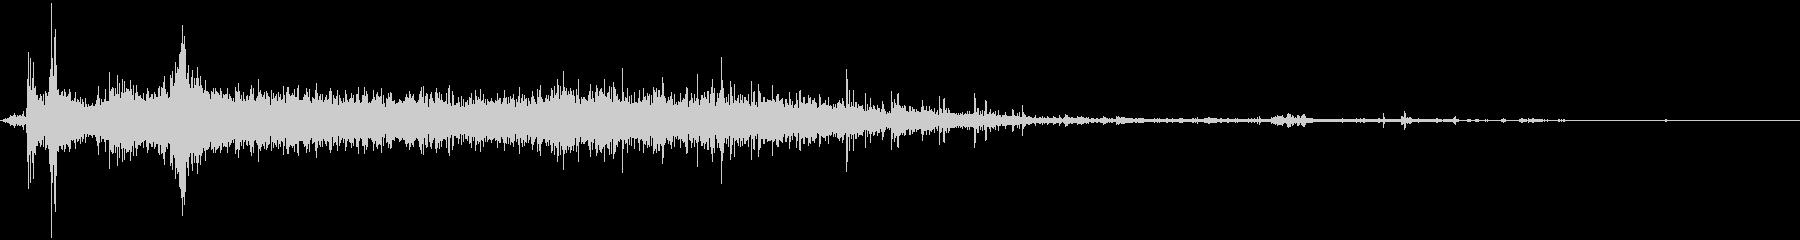 【環境音】 38 水 / スプラッシュの未再生の波形